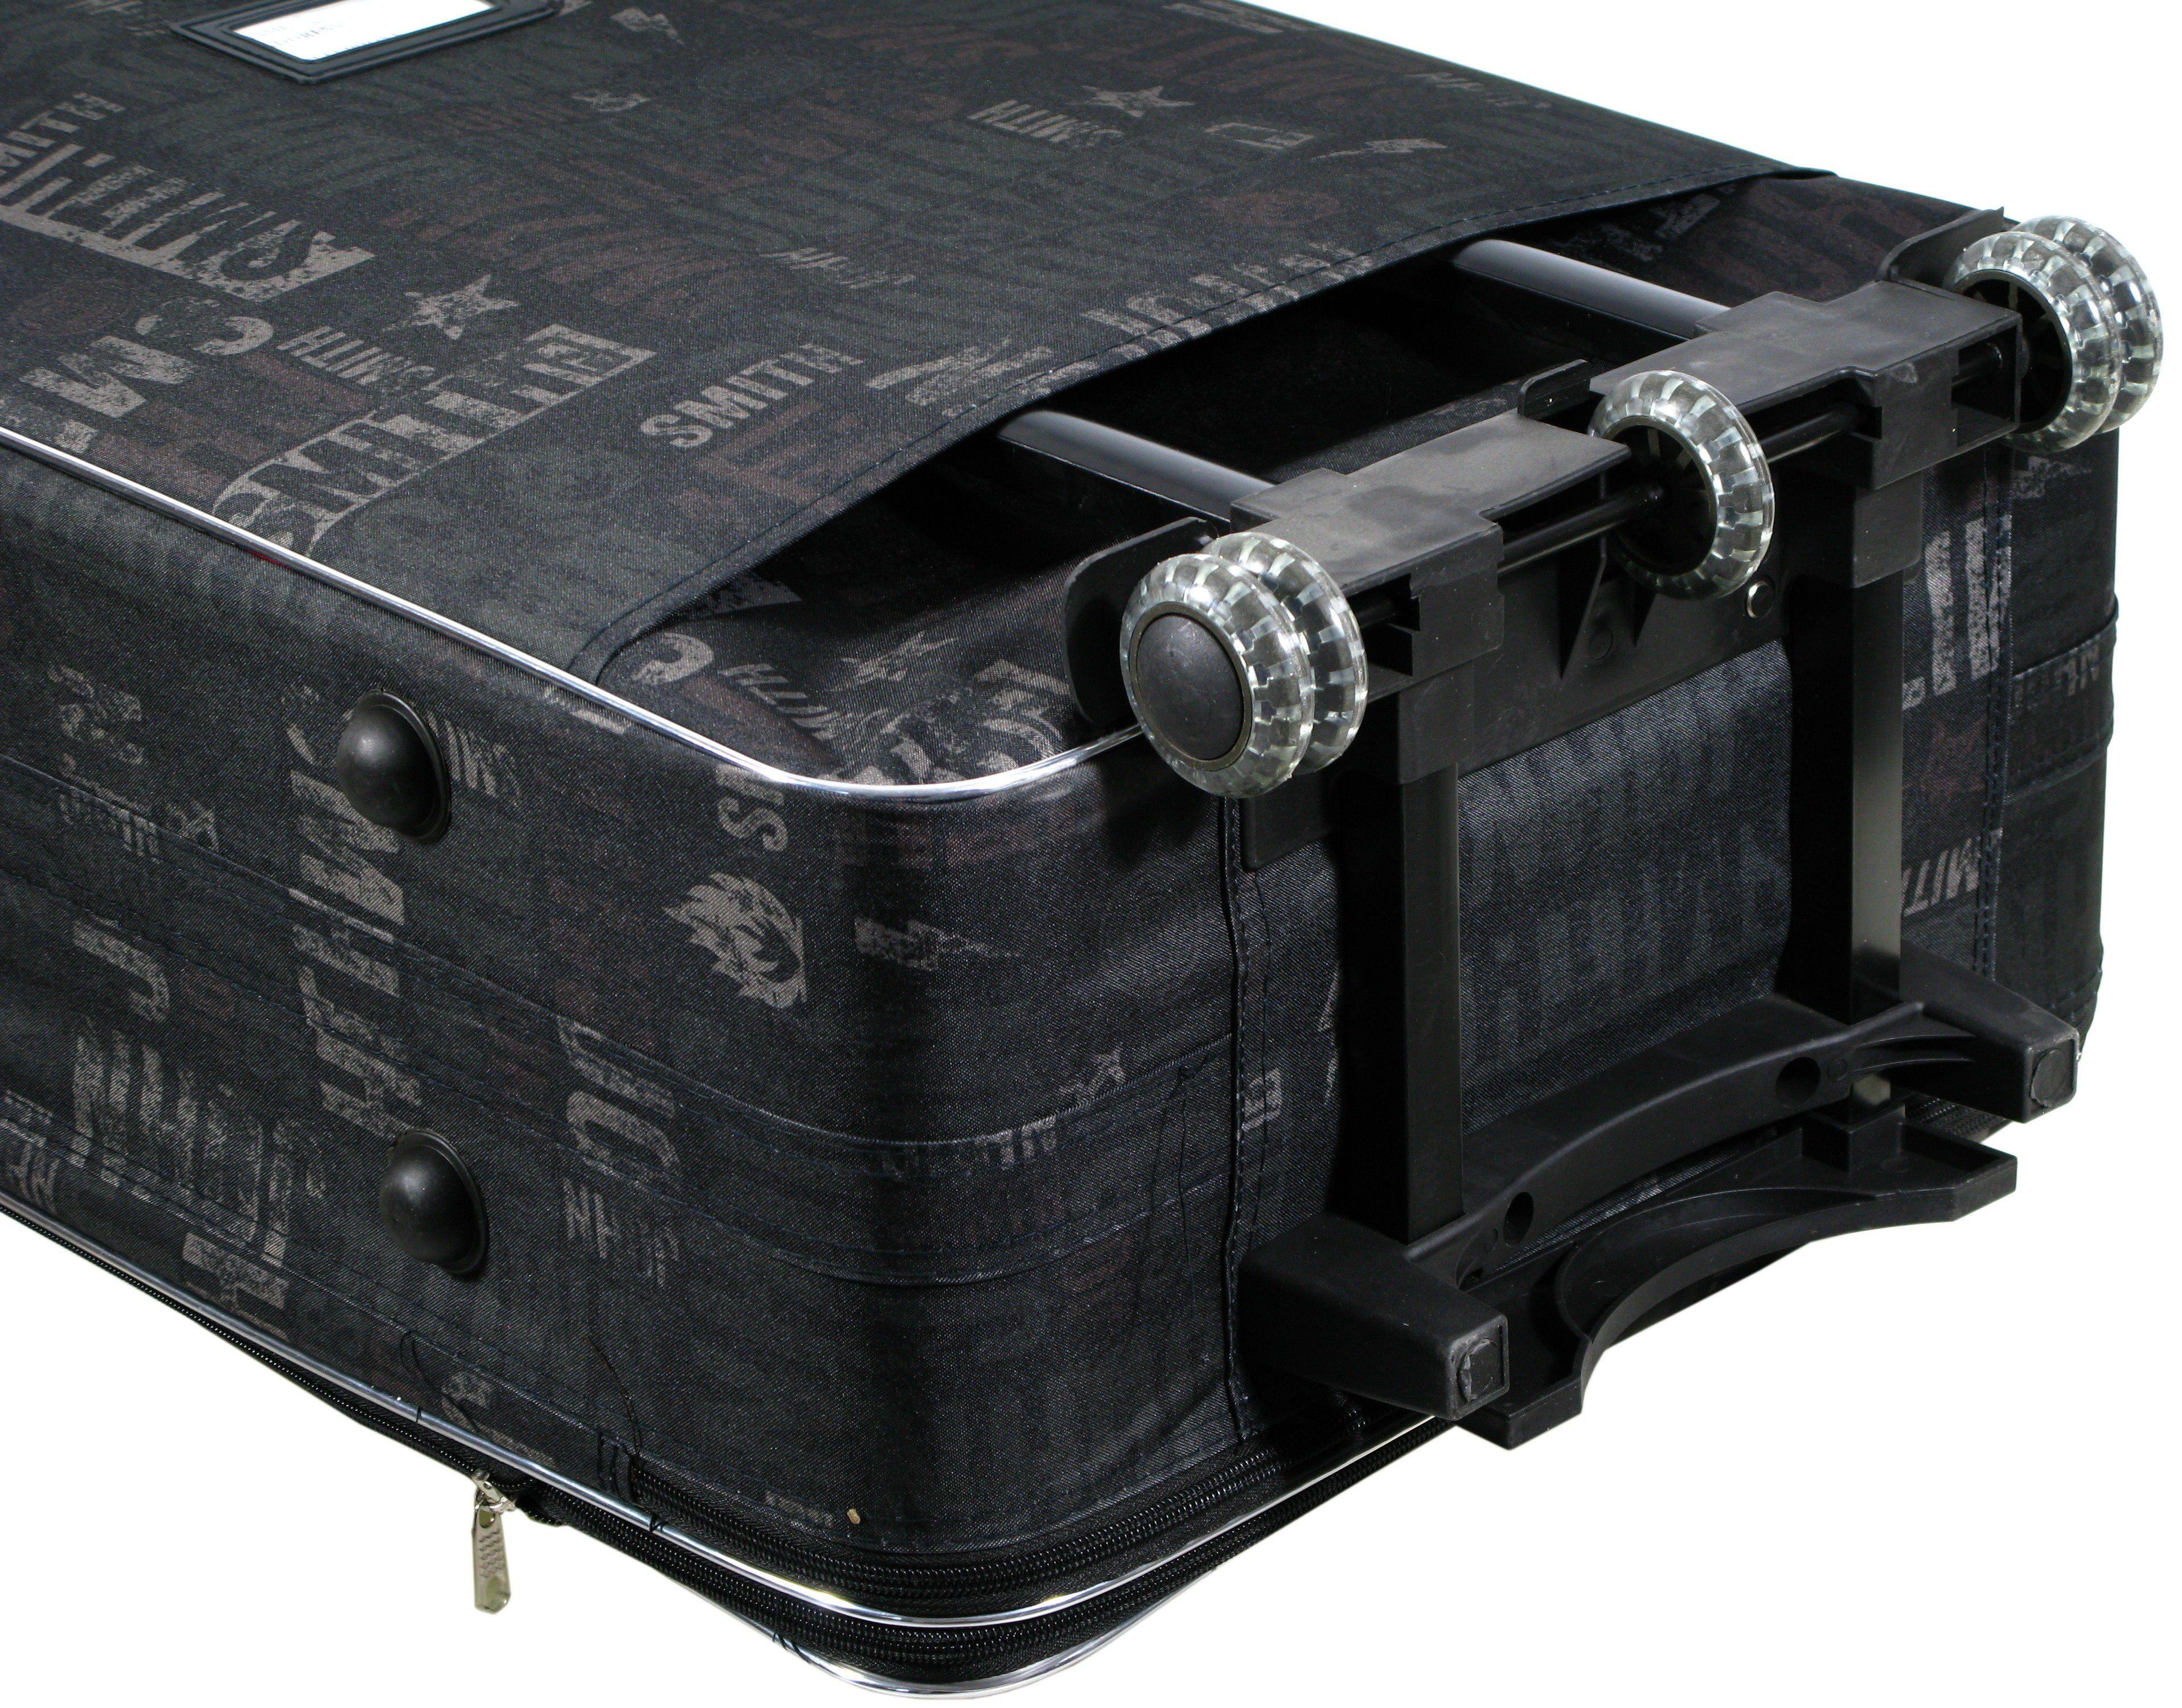 fd58d7931bfbb Mała walizka na kółkach 111 Napisy codura zamek | Akcesoria skórzane ...